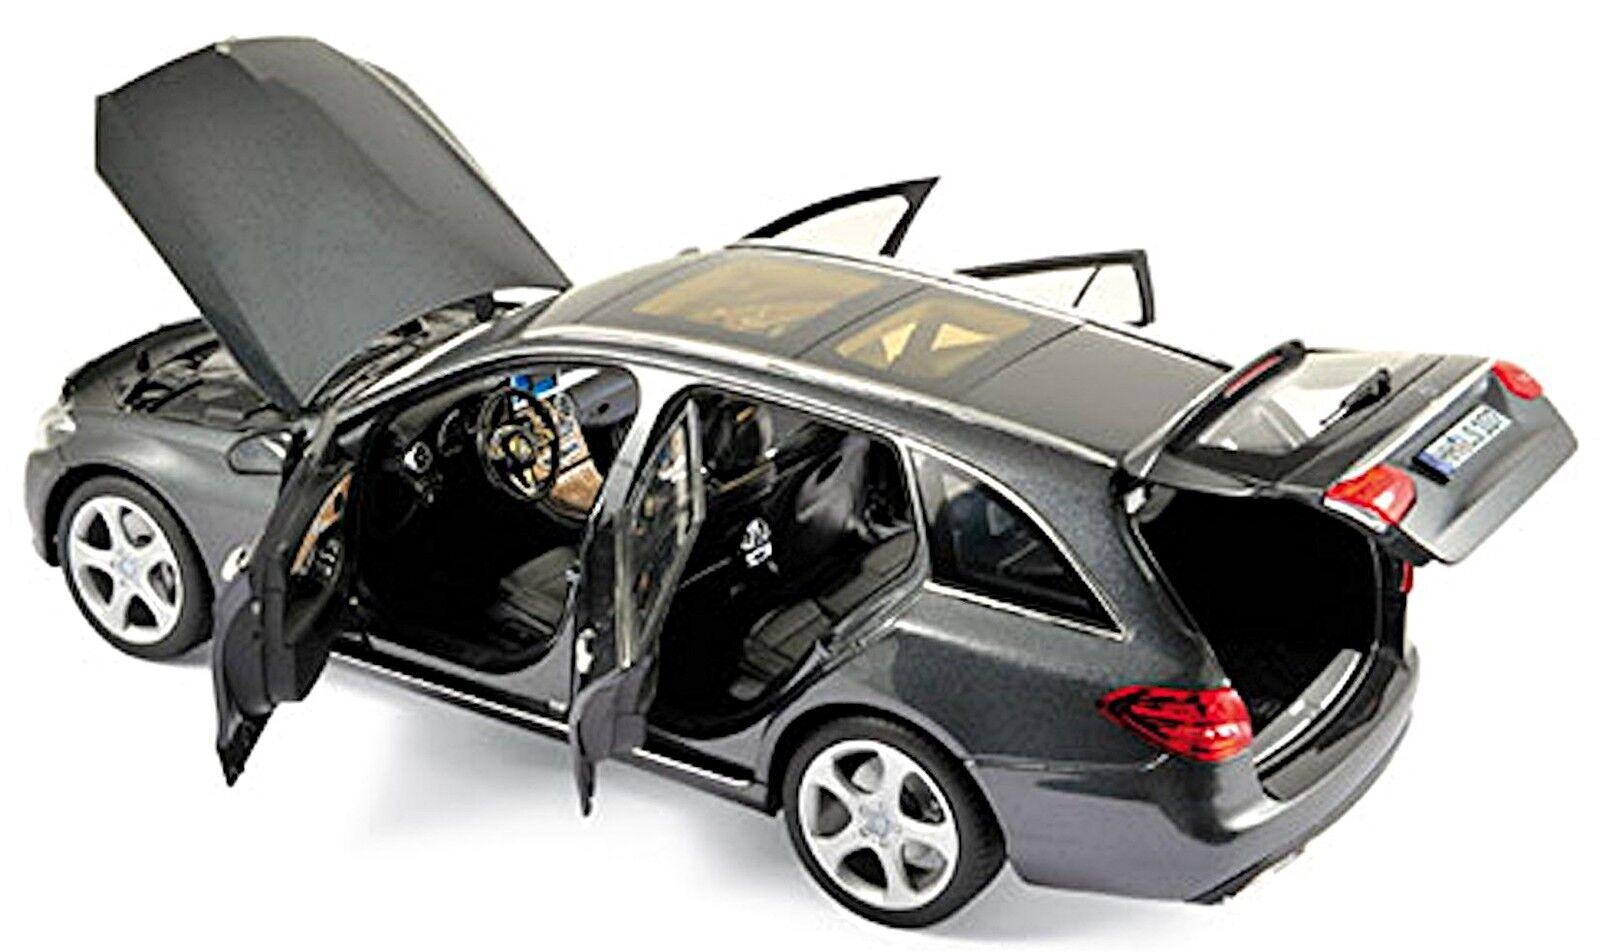 MERCEDES-BENZ CLASSE C s205 T-Modèle ESTATE 2014-16 Gris Grey Metallic 1:18 | Les Consommateurs D'abord  | Approvisionnement Suffisant Et Une Livraison Rapide  | Shop  | Qualité Supérieure